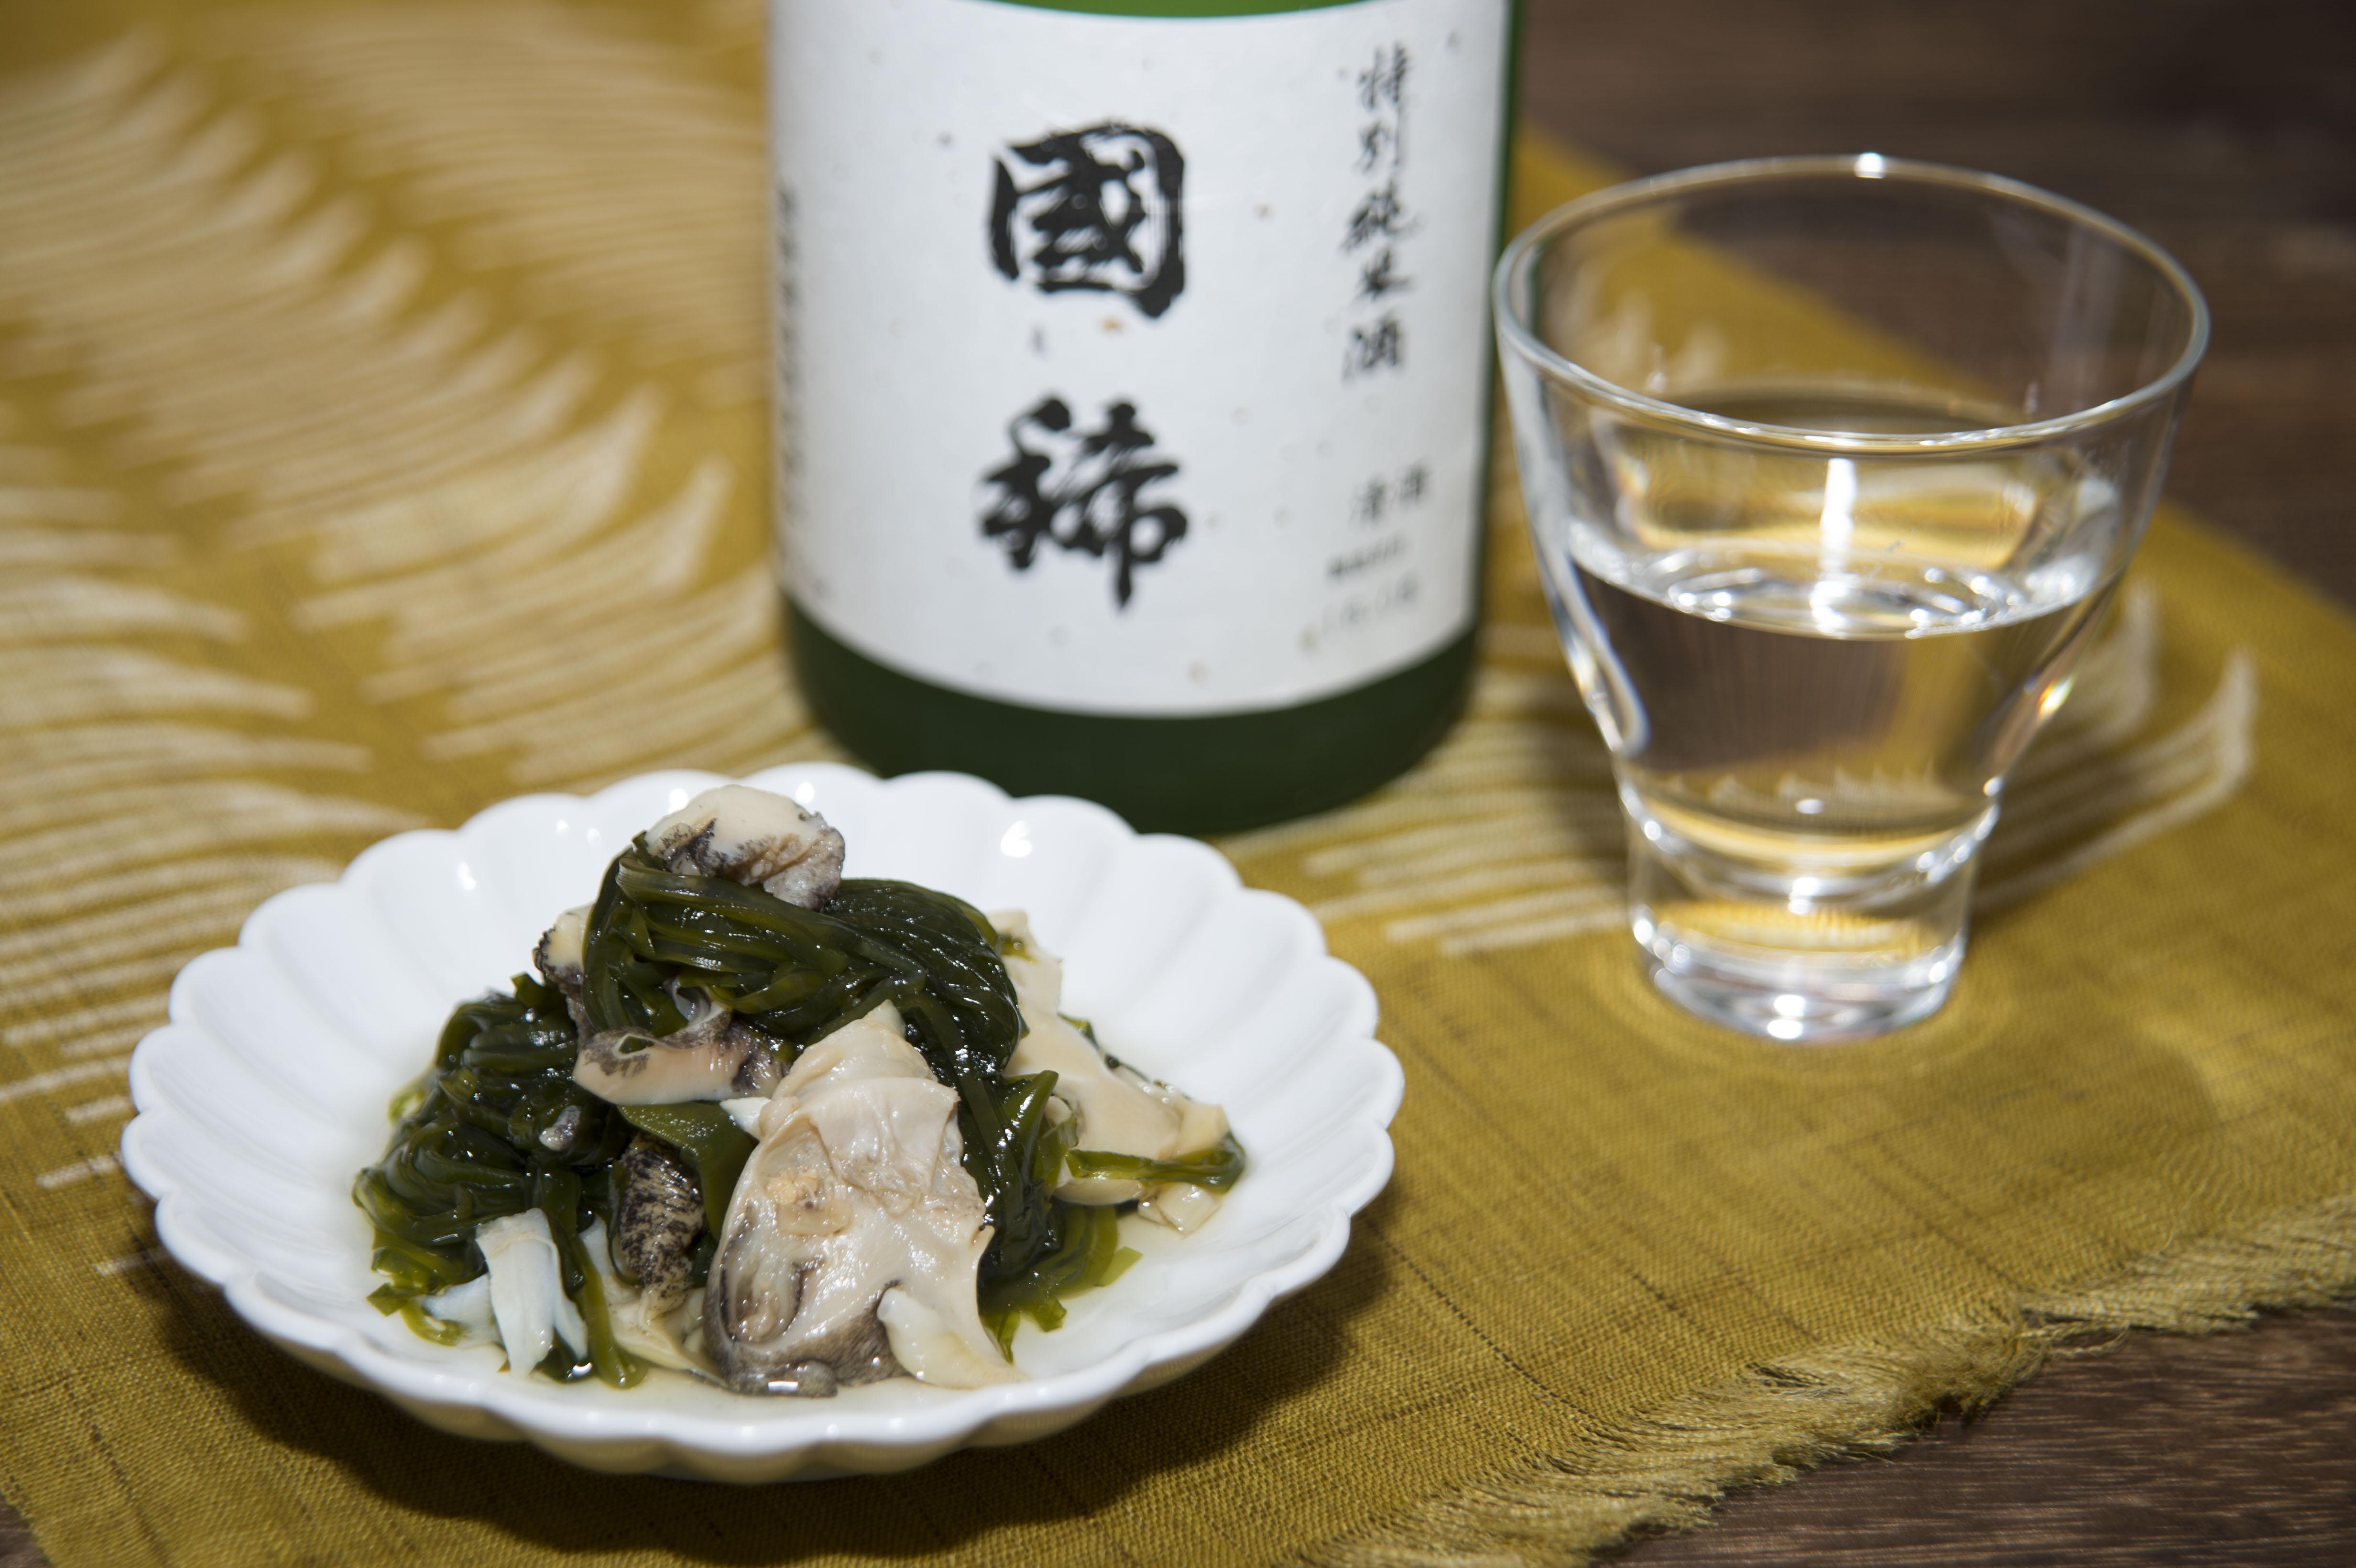 -日本中の地酒とおつまみを1,000円で味わい尽くせ!!- 楽天市場が究極の「お取り寄せんべろ」36選を発表しました